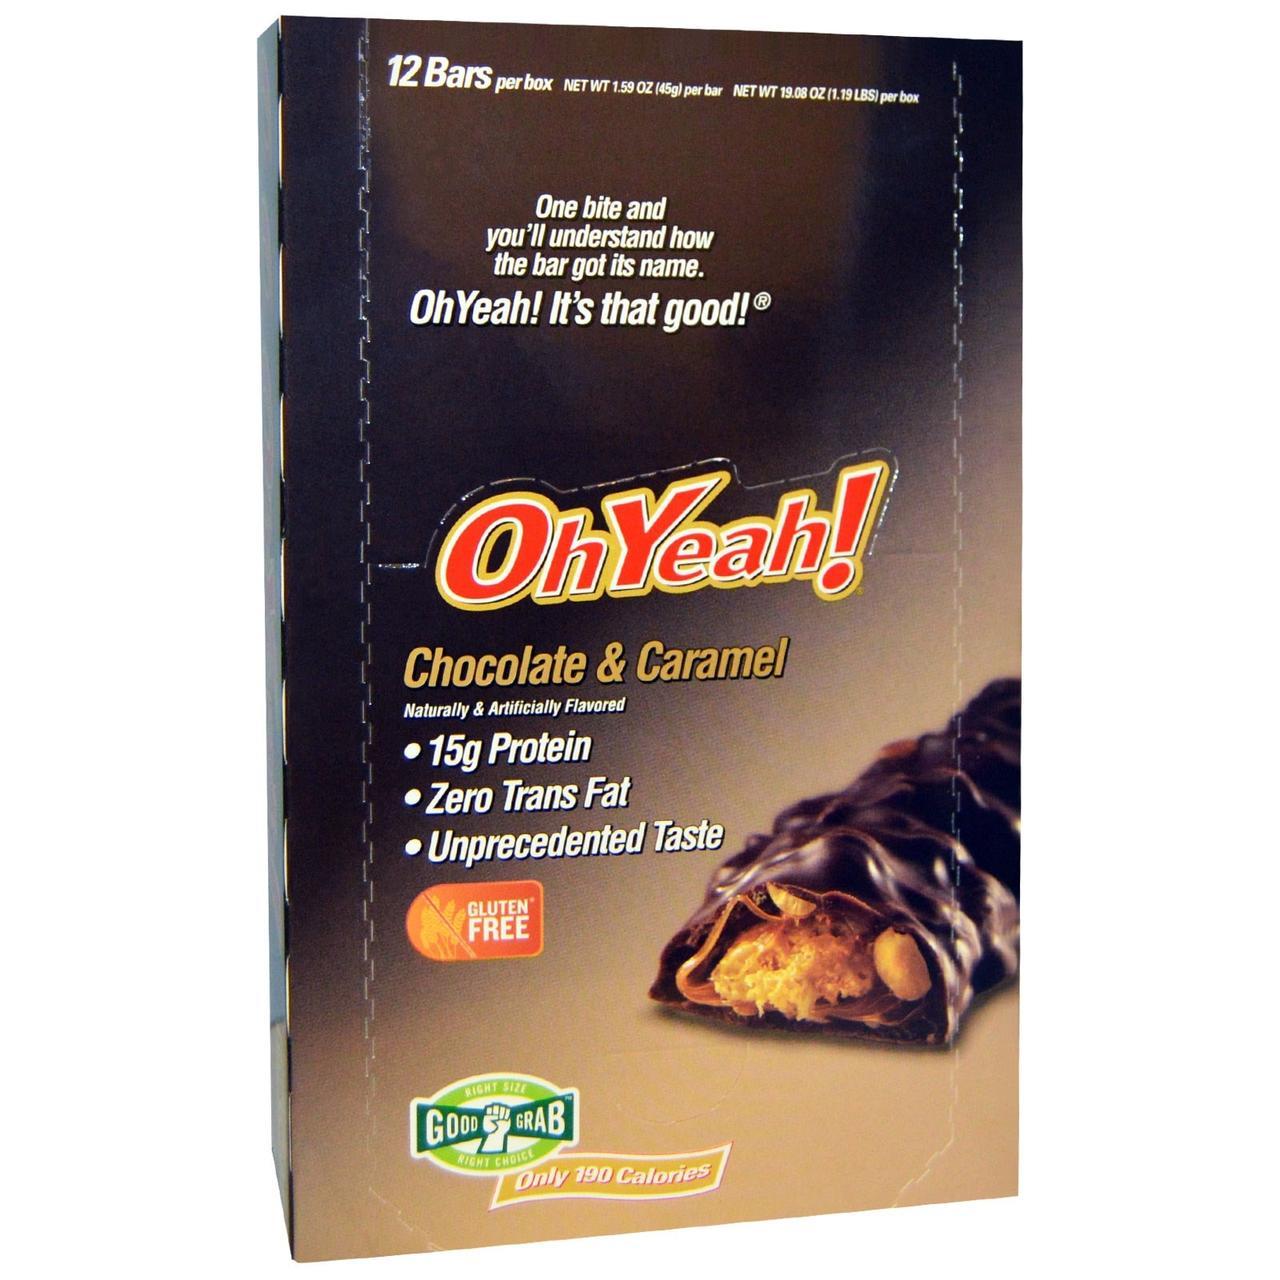 Oh Yeah!, Протеиновые батончики, Шоколад & карамель, 12 батончиков, 1,59 унции (45 г)